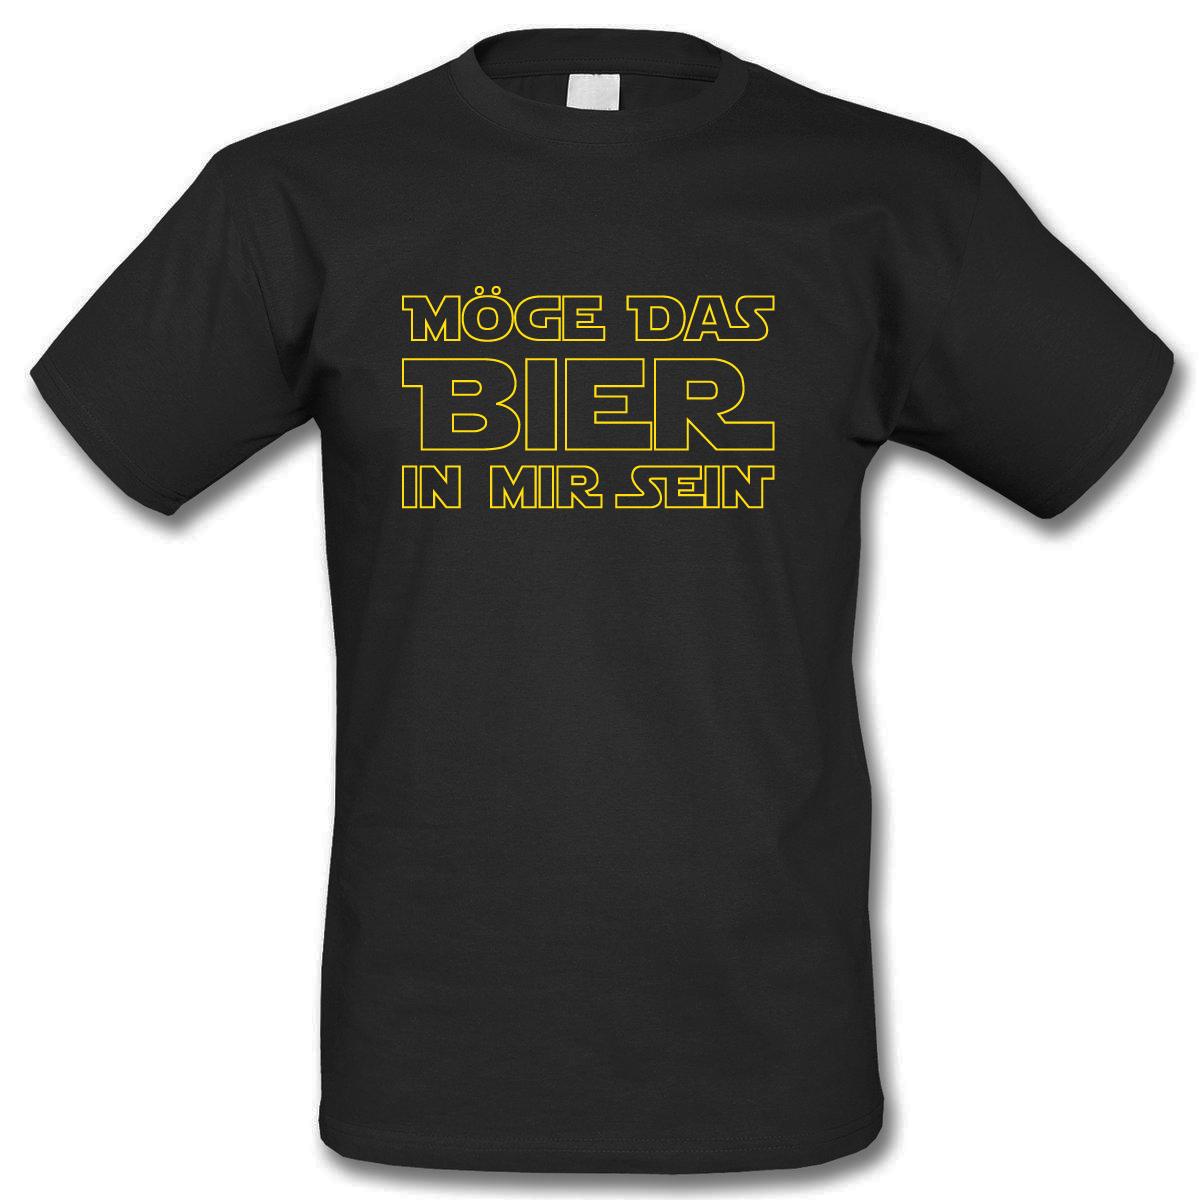 Möge das Bier in mir sein.